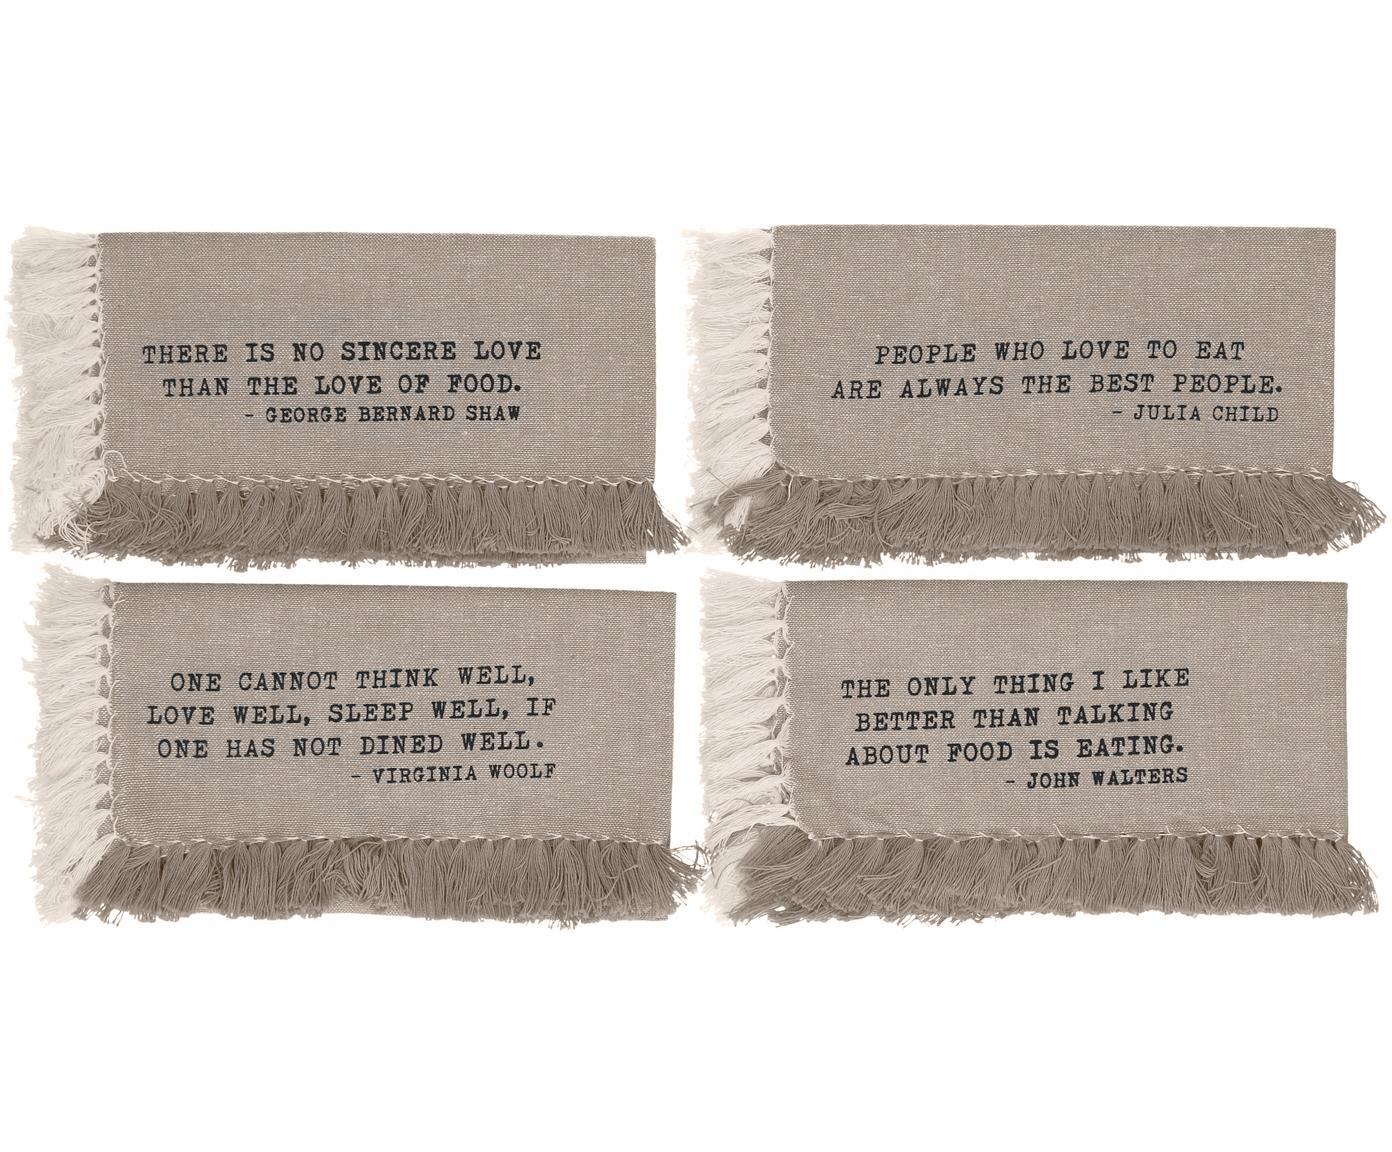 Komplet podkładek Enjoy, 4 elem., Bawełna, Odcienie piaskowego, S 33 x D 48 cm